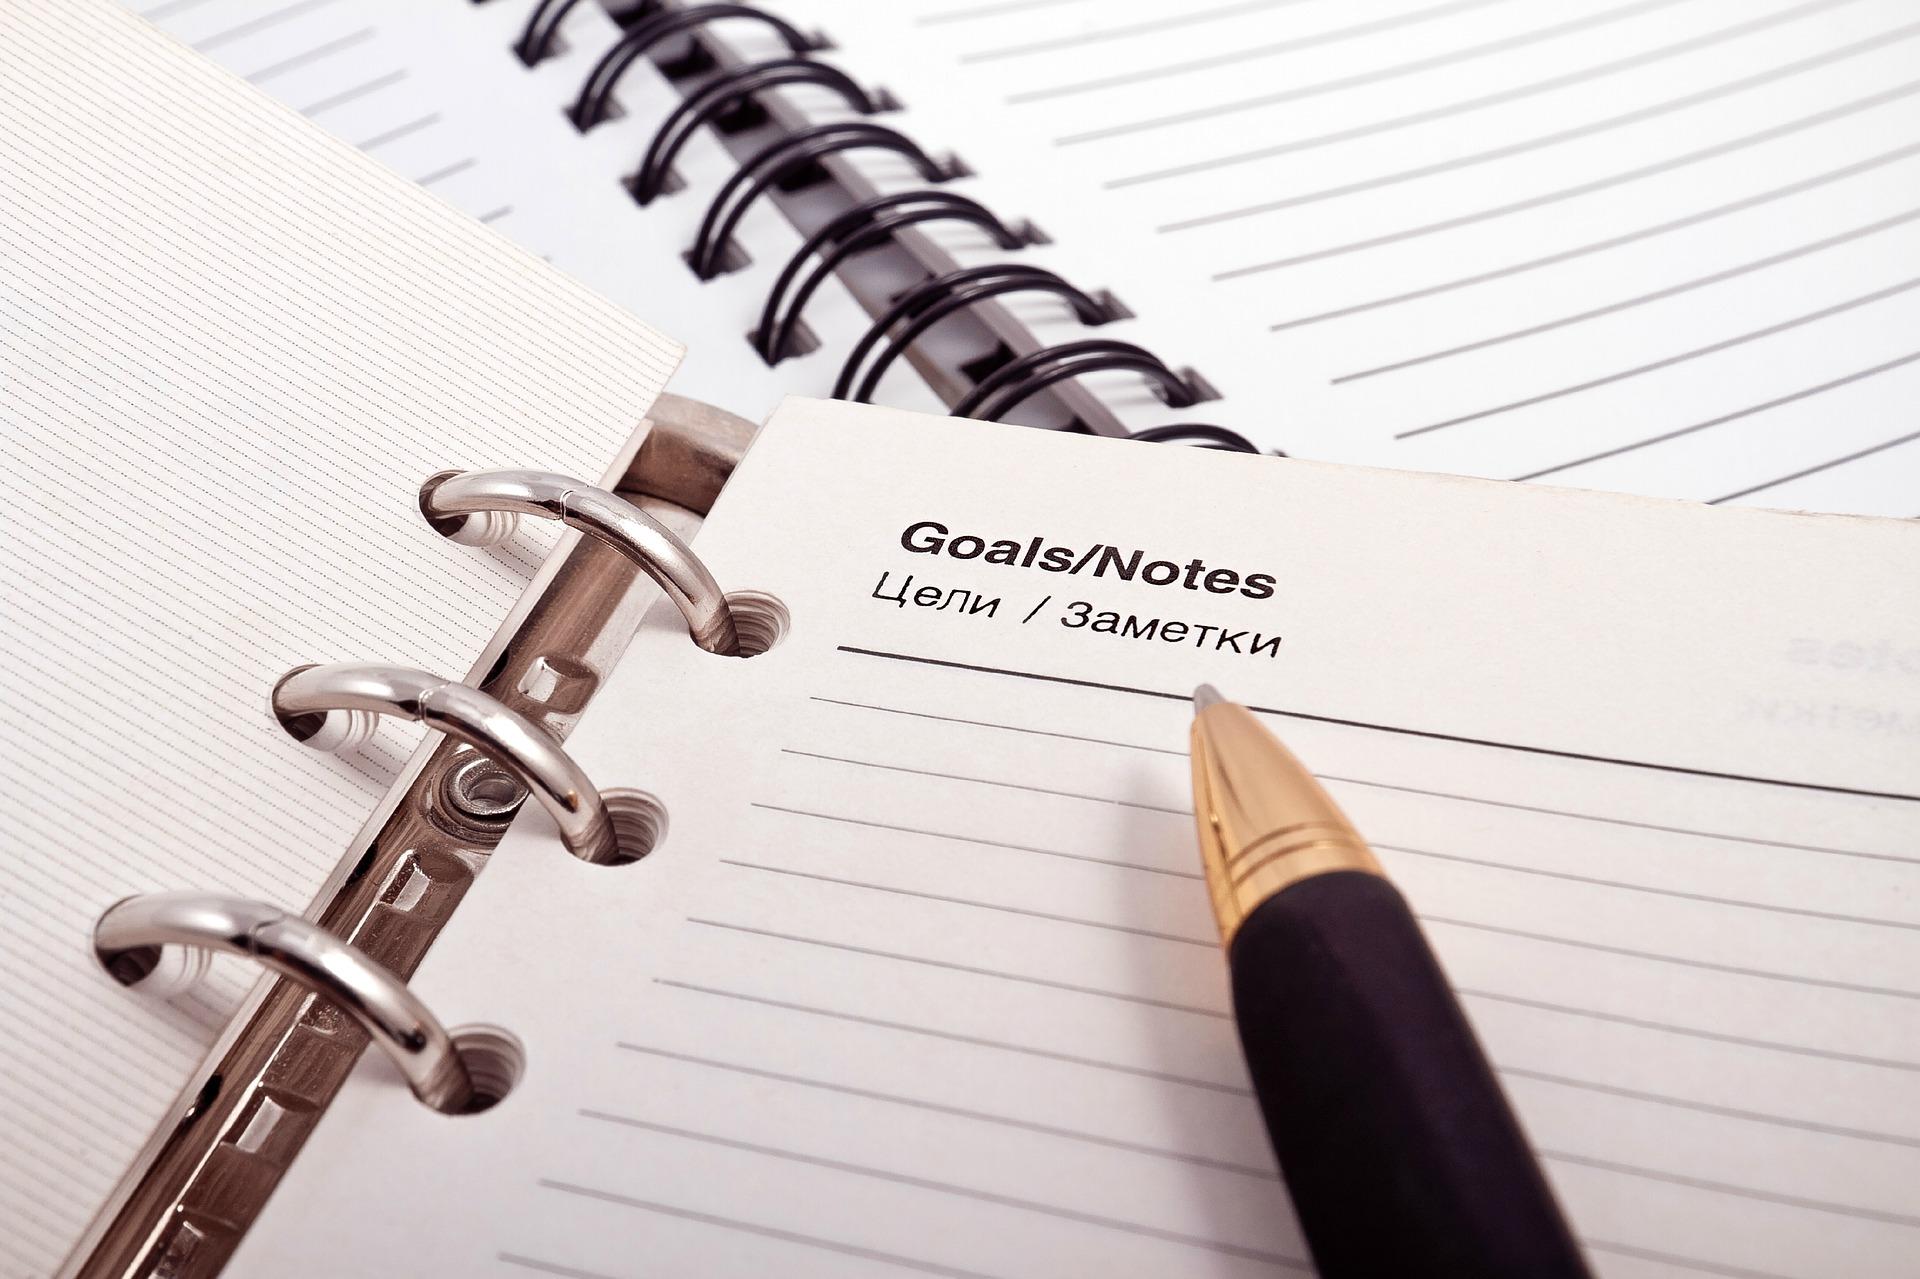 ....Klare Ziele sind der erste Schritt zu ihrer erfolgreichen Umsetzung. .. Clearly formulated goals are the first step to accomplishing them. ....